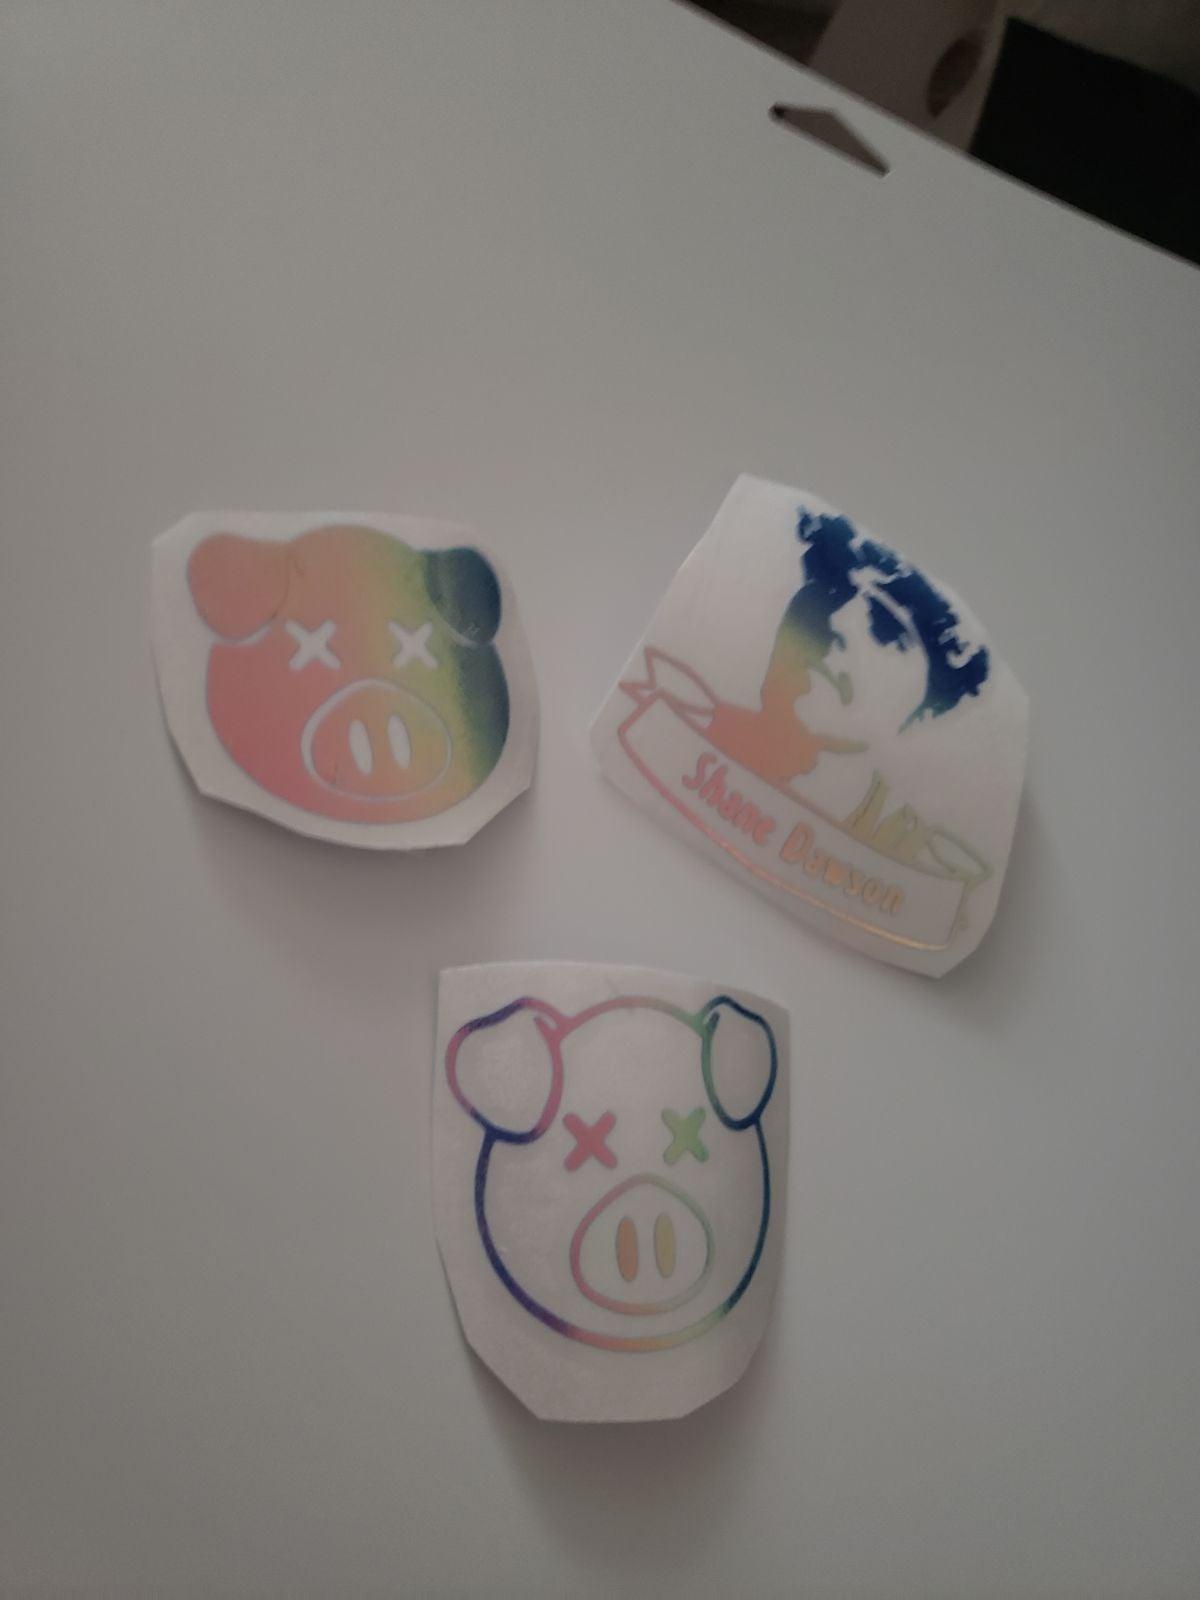 3 shane dawson sticker decals